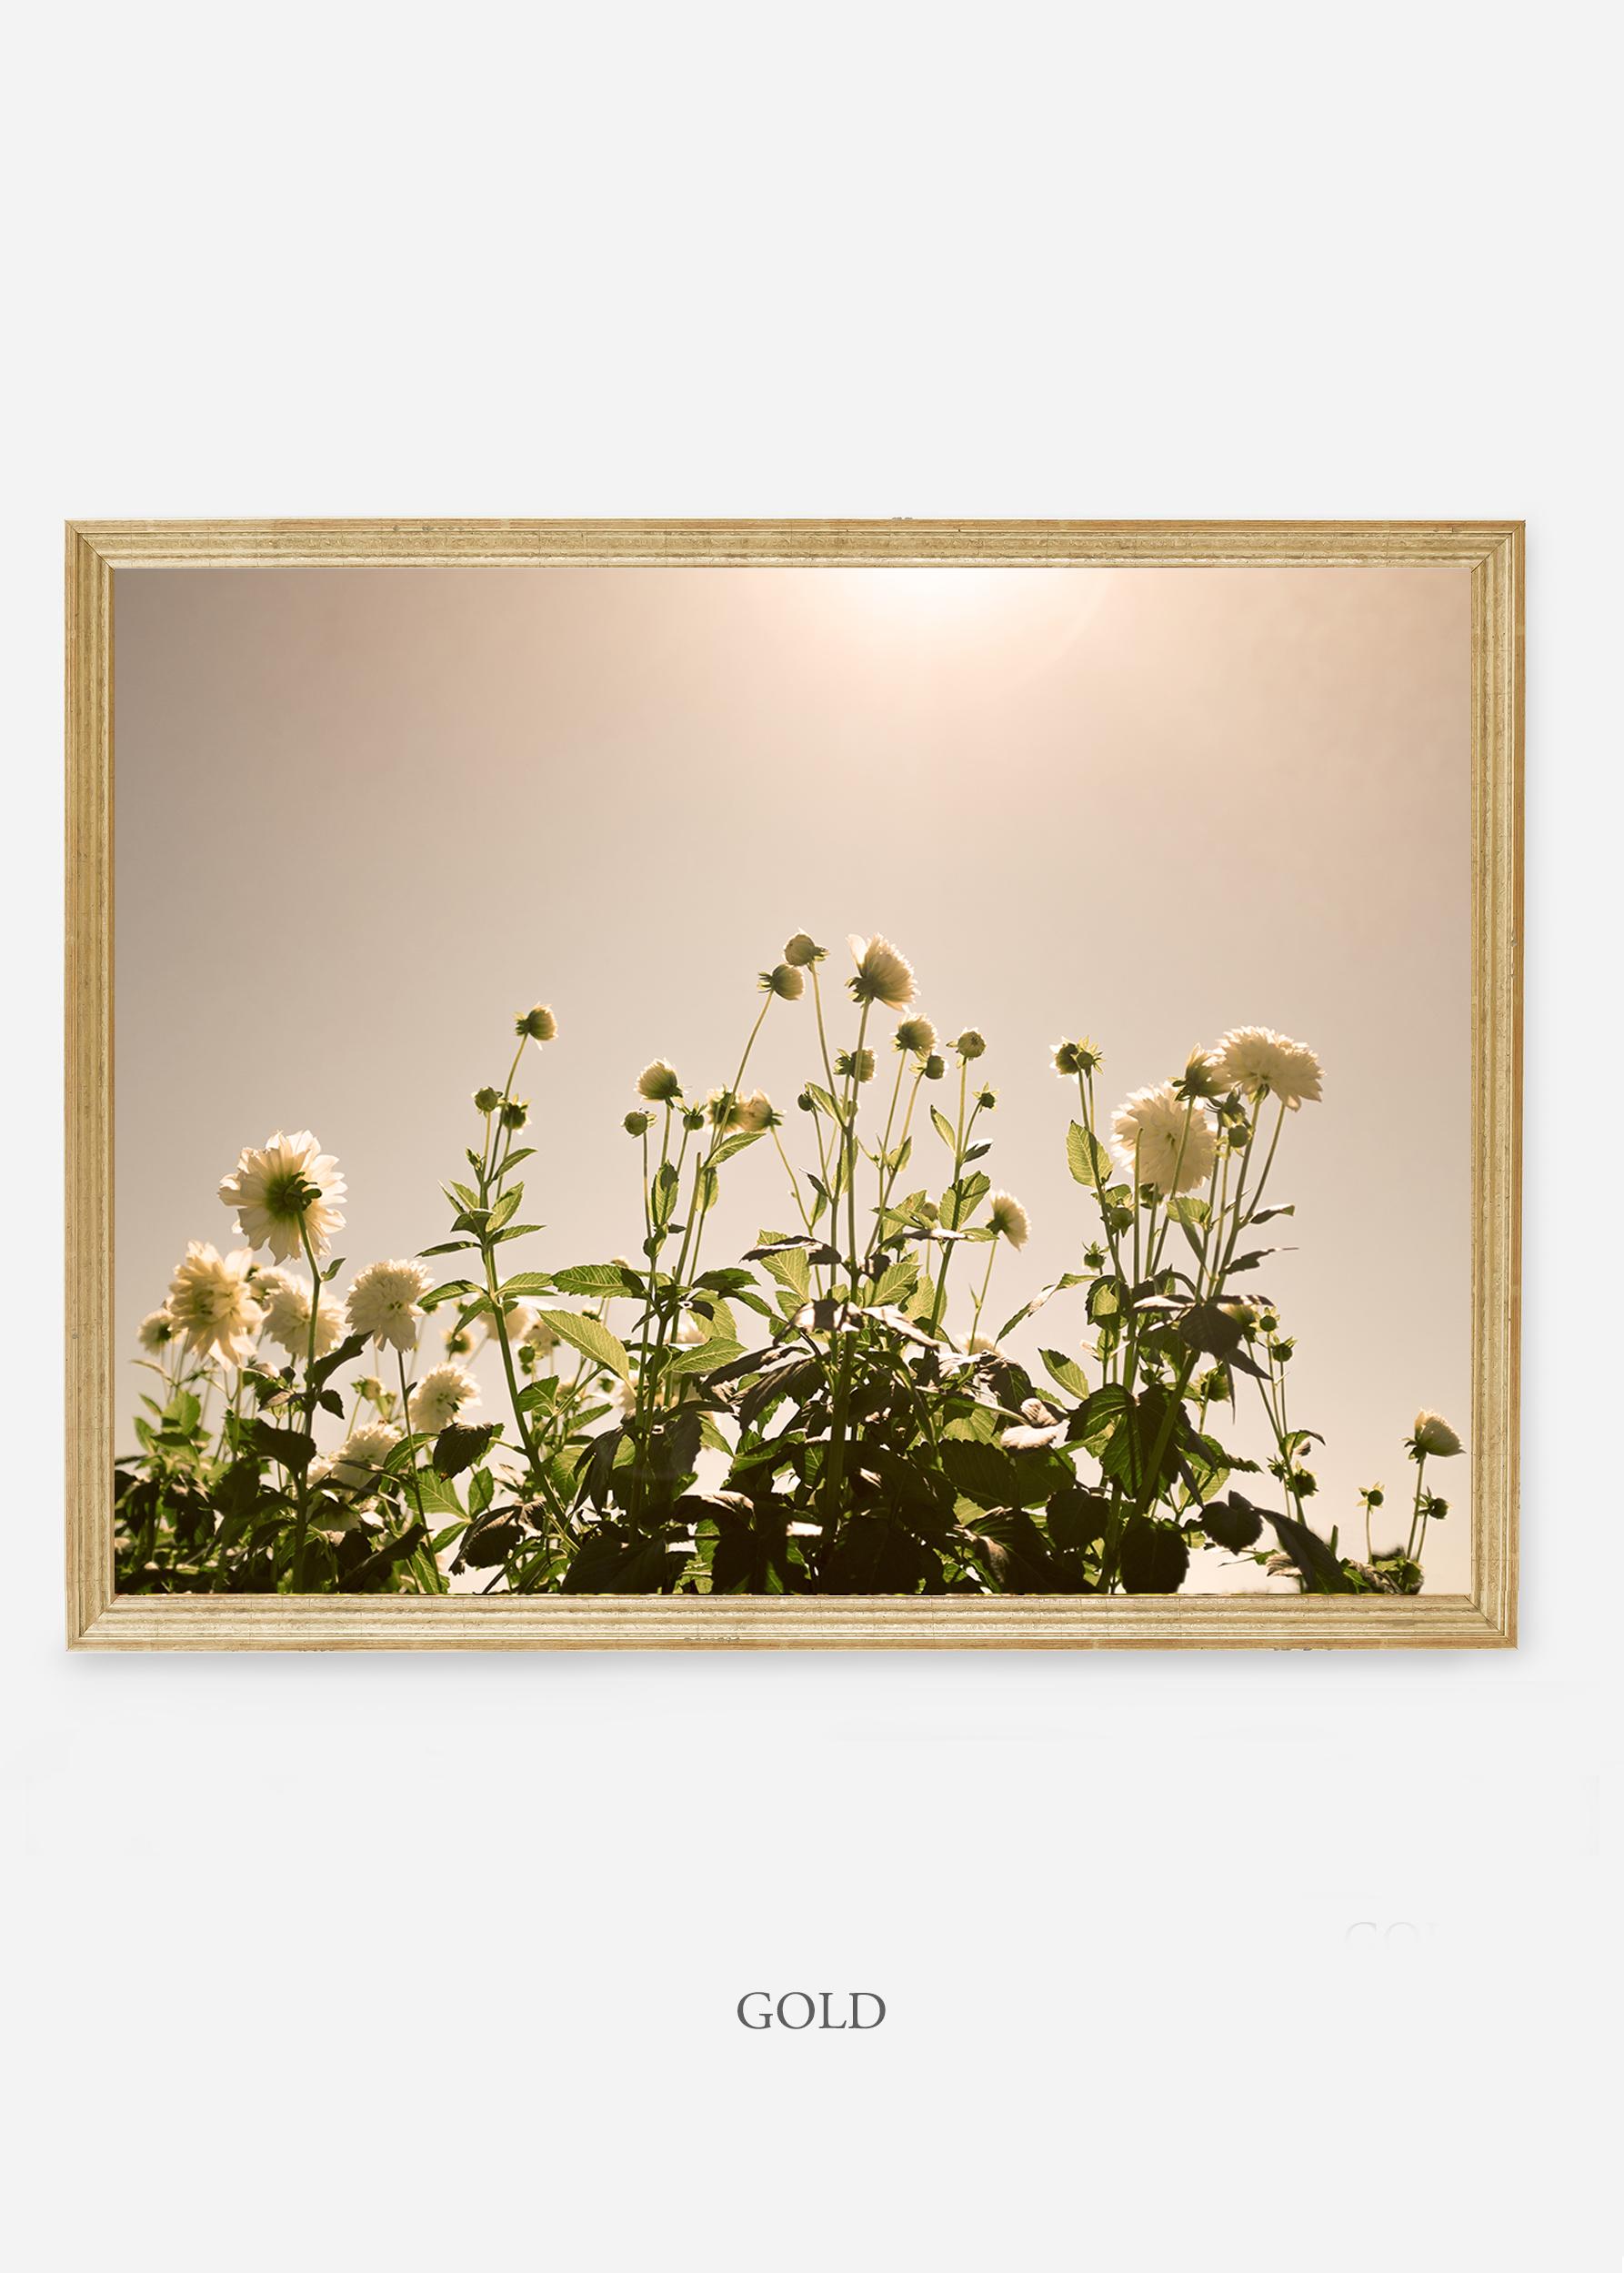 NoMat-Gold-Frame-DahliaNo.7-Wilder-California-Art-Floral-Home-decor-Prints-Dahlia-Botanical-Artwork-Interior-design.jpg